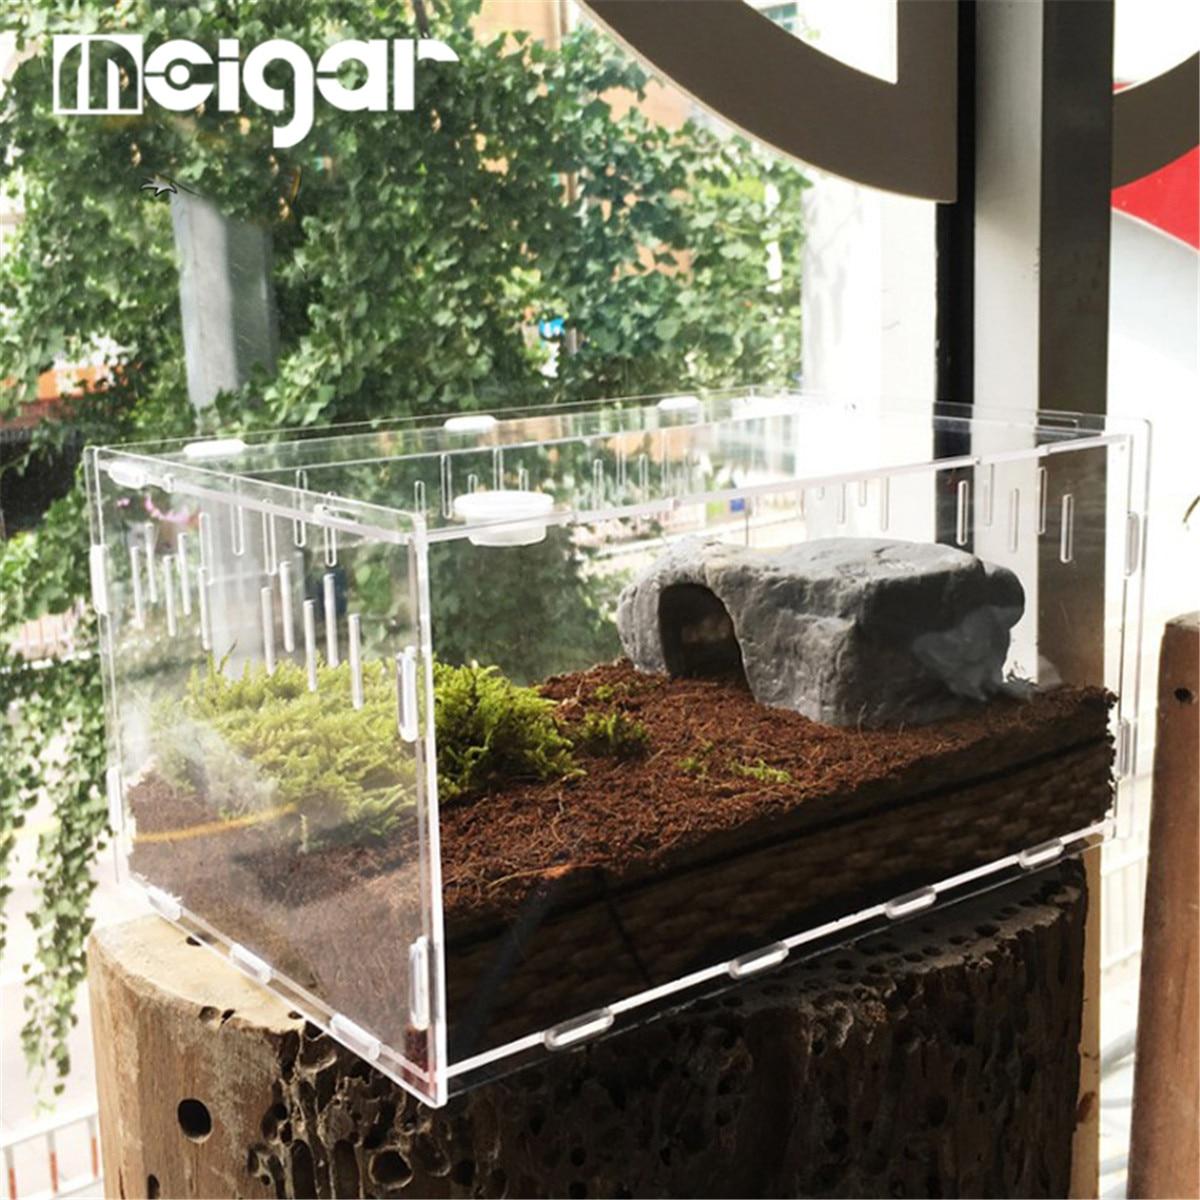 Бак для рептилий насекомые пауки Черепаха Ящерица акриловая прозрачная коробка для разведения Vivarium крышка рептилия ПЭТ продукт Террариум S/L Размер Террариумы      АлиЭкспресс